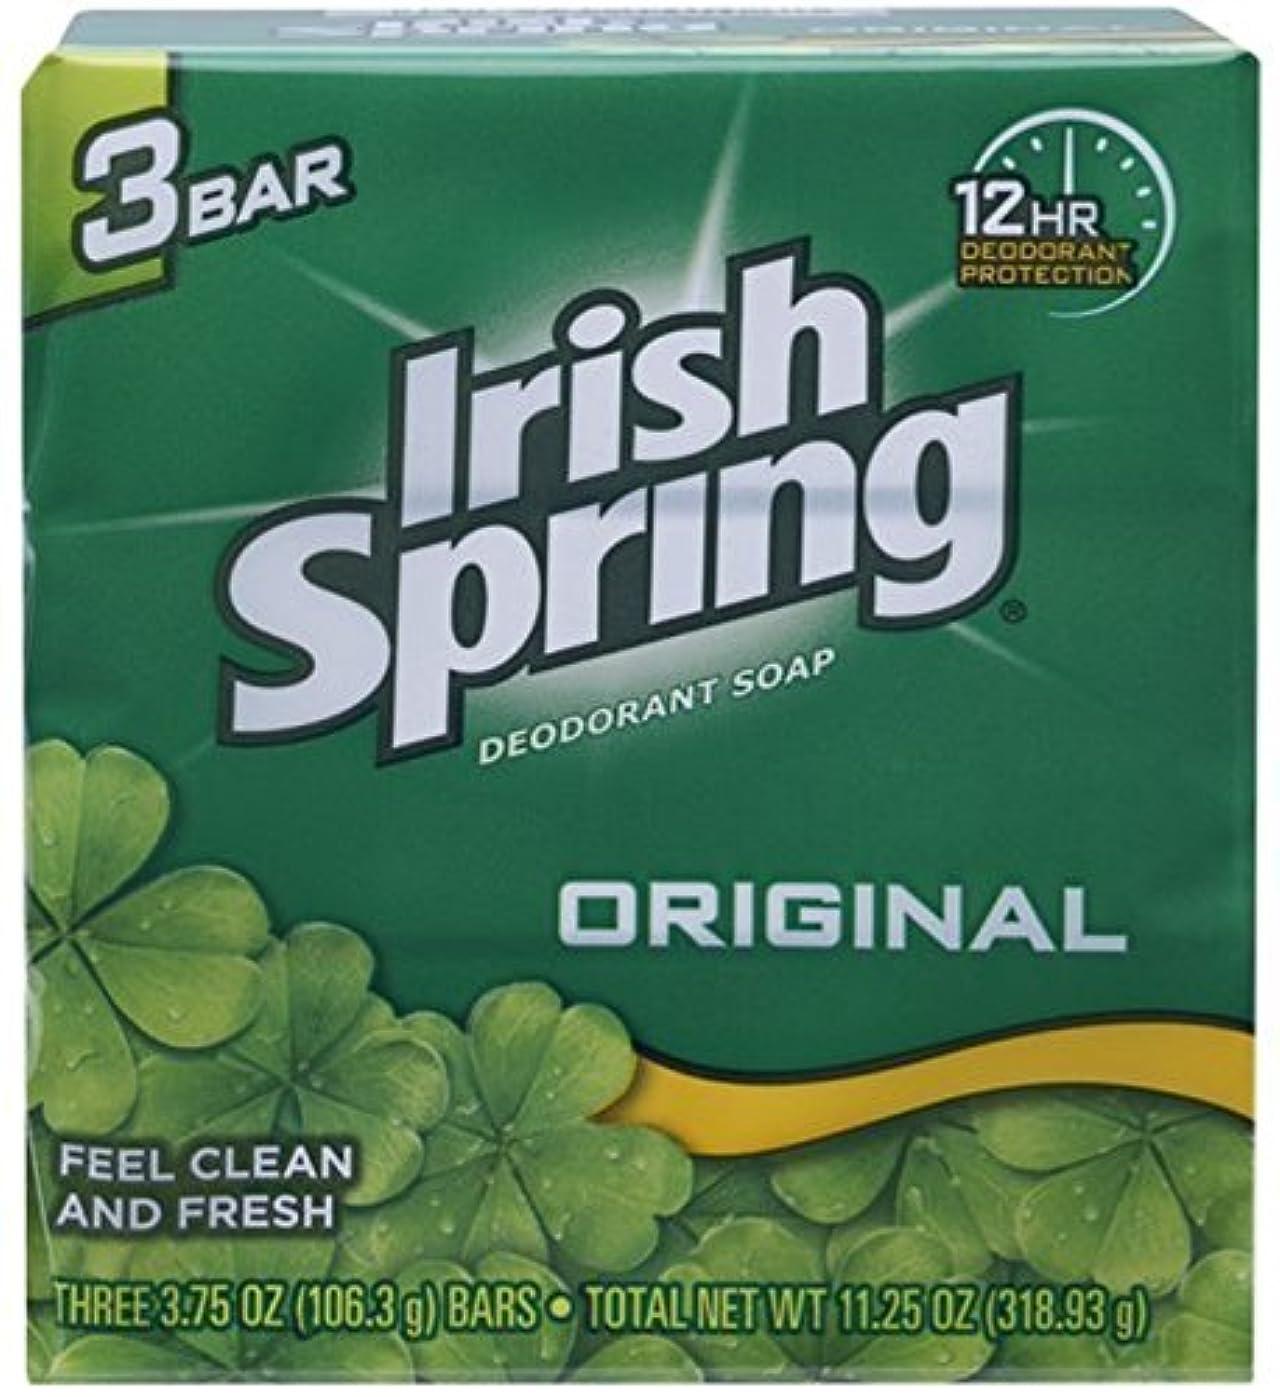 プラス出来事コットンIrish Spring デオドラント石鹸、オリジナル、3.75オズバー、3 Eaは(12パック)